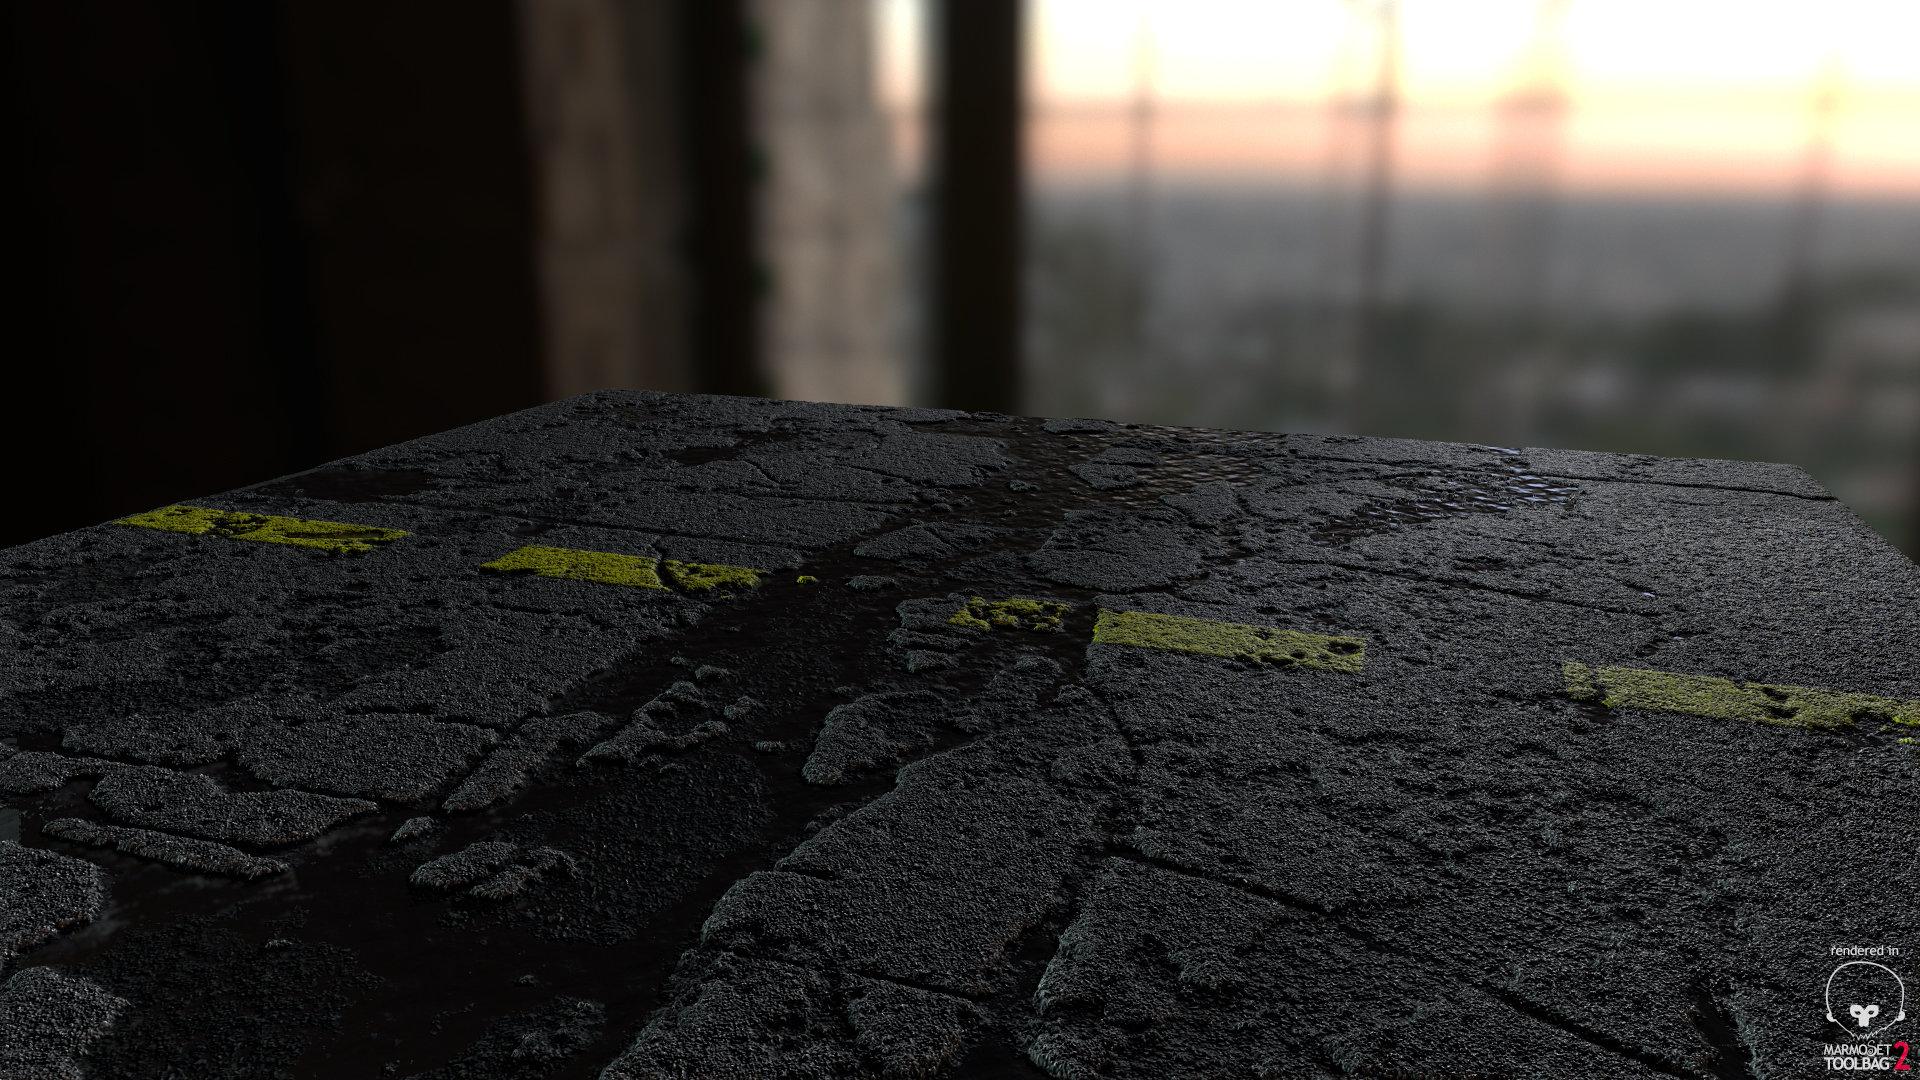 Pretty 1 Button Template Thin 1.5 Inch Hexagon Template Shaped 10 Half Hexagon Template 10 Steps To Creating A Resume Youthful 12 Week Calendar Template Bright15 Minute Schedule Template Hugh Trombley | 3D Environment Artist   PBR Street Test